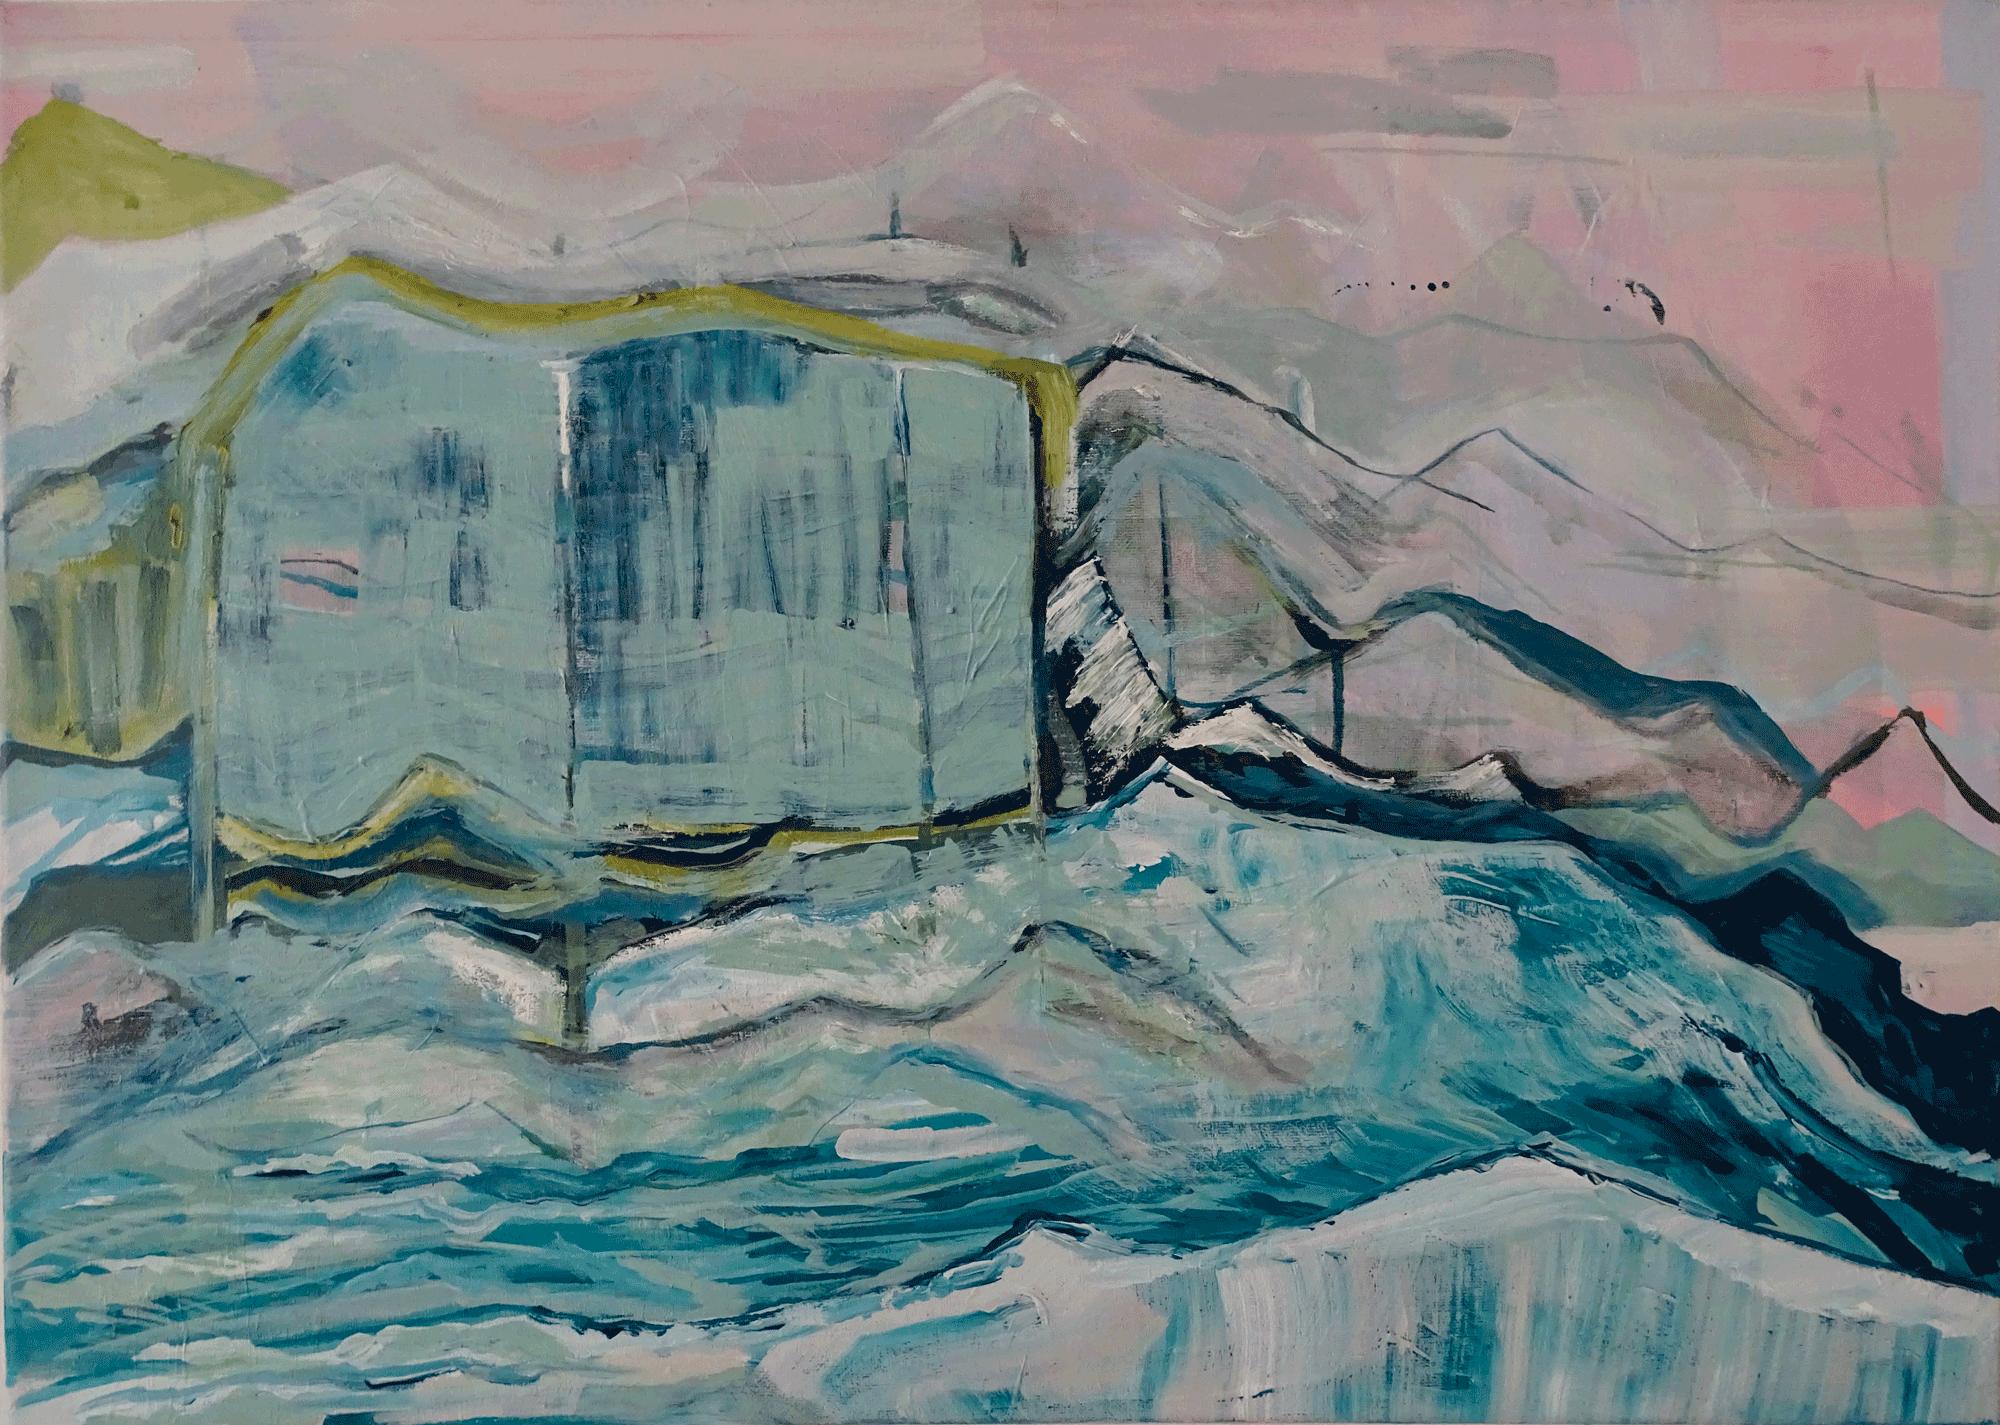 Yvonne Andreini, Acid Sea, 2019, 50 x 70 cm, Acryl und Öl auf Leinwand